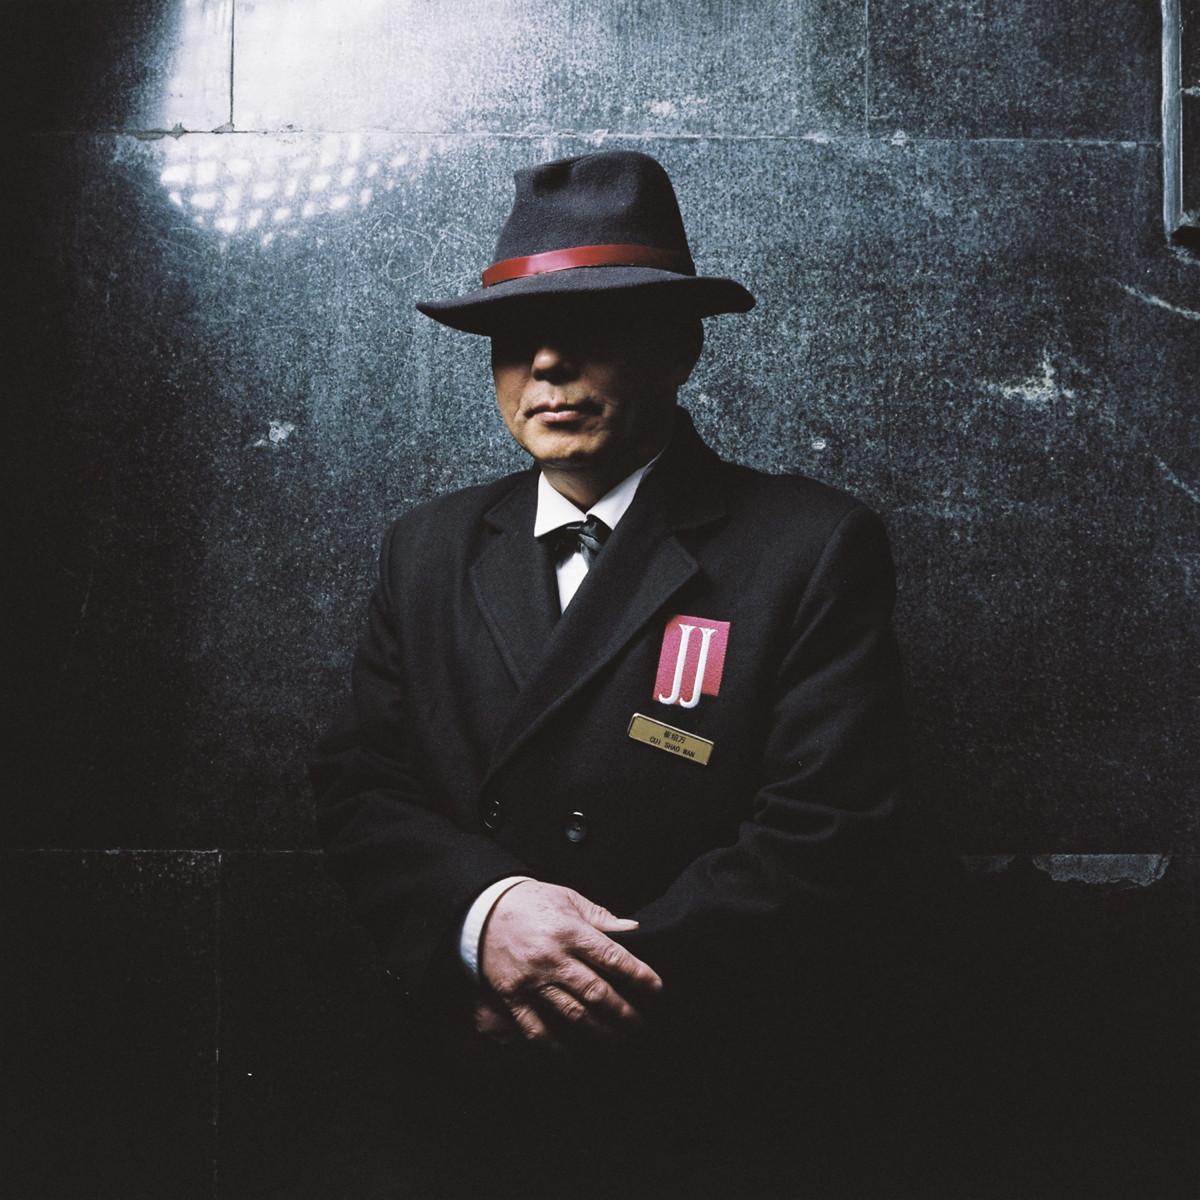 Cui Shaowan, 63 ans, était ouvrier dans l'industrie automobile. Retraité depuis un an, il a pris le poste de portier au Park Hotel et se sent très fier de son nouvel emploi